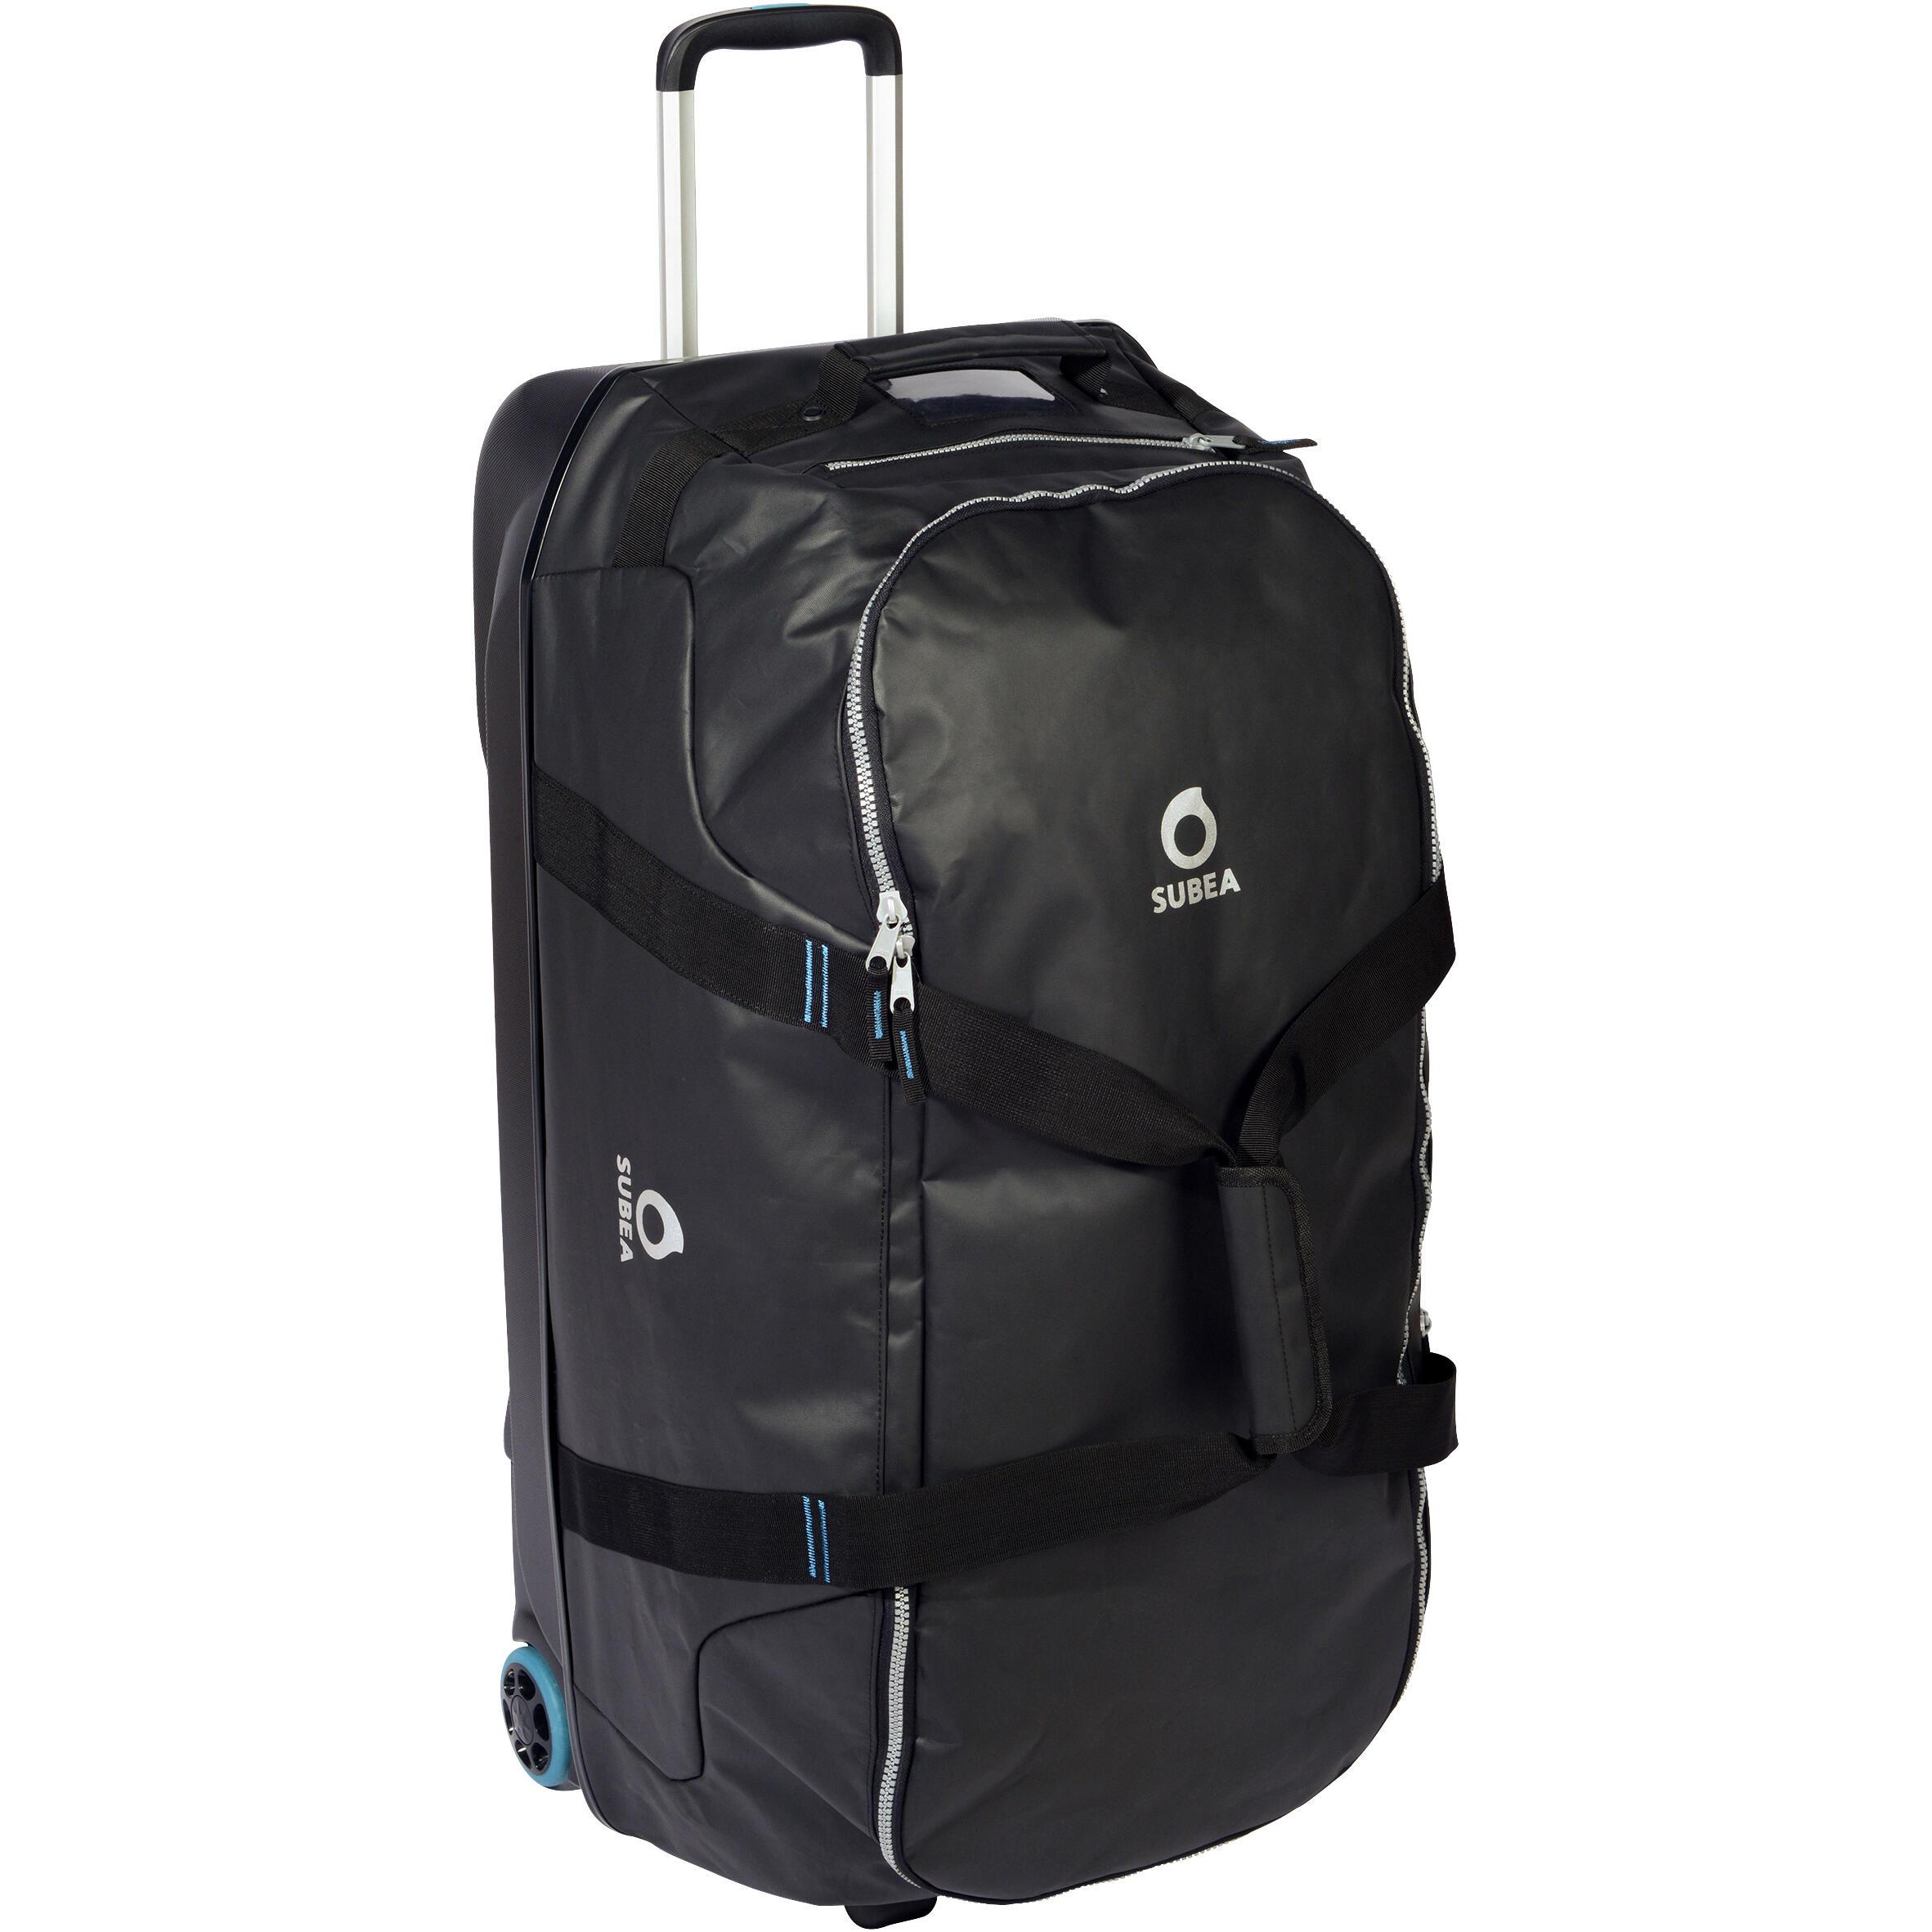 grossiste c6ea5 eb81e Sacs à dos de voyage, backpack | Decathlon